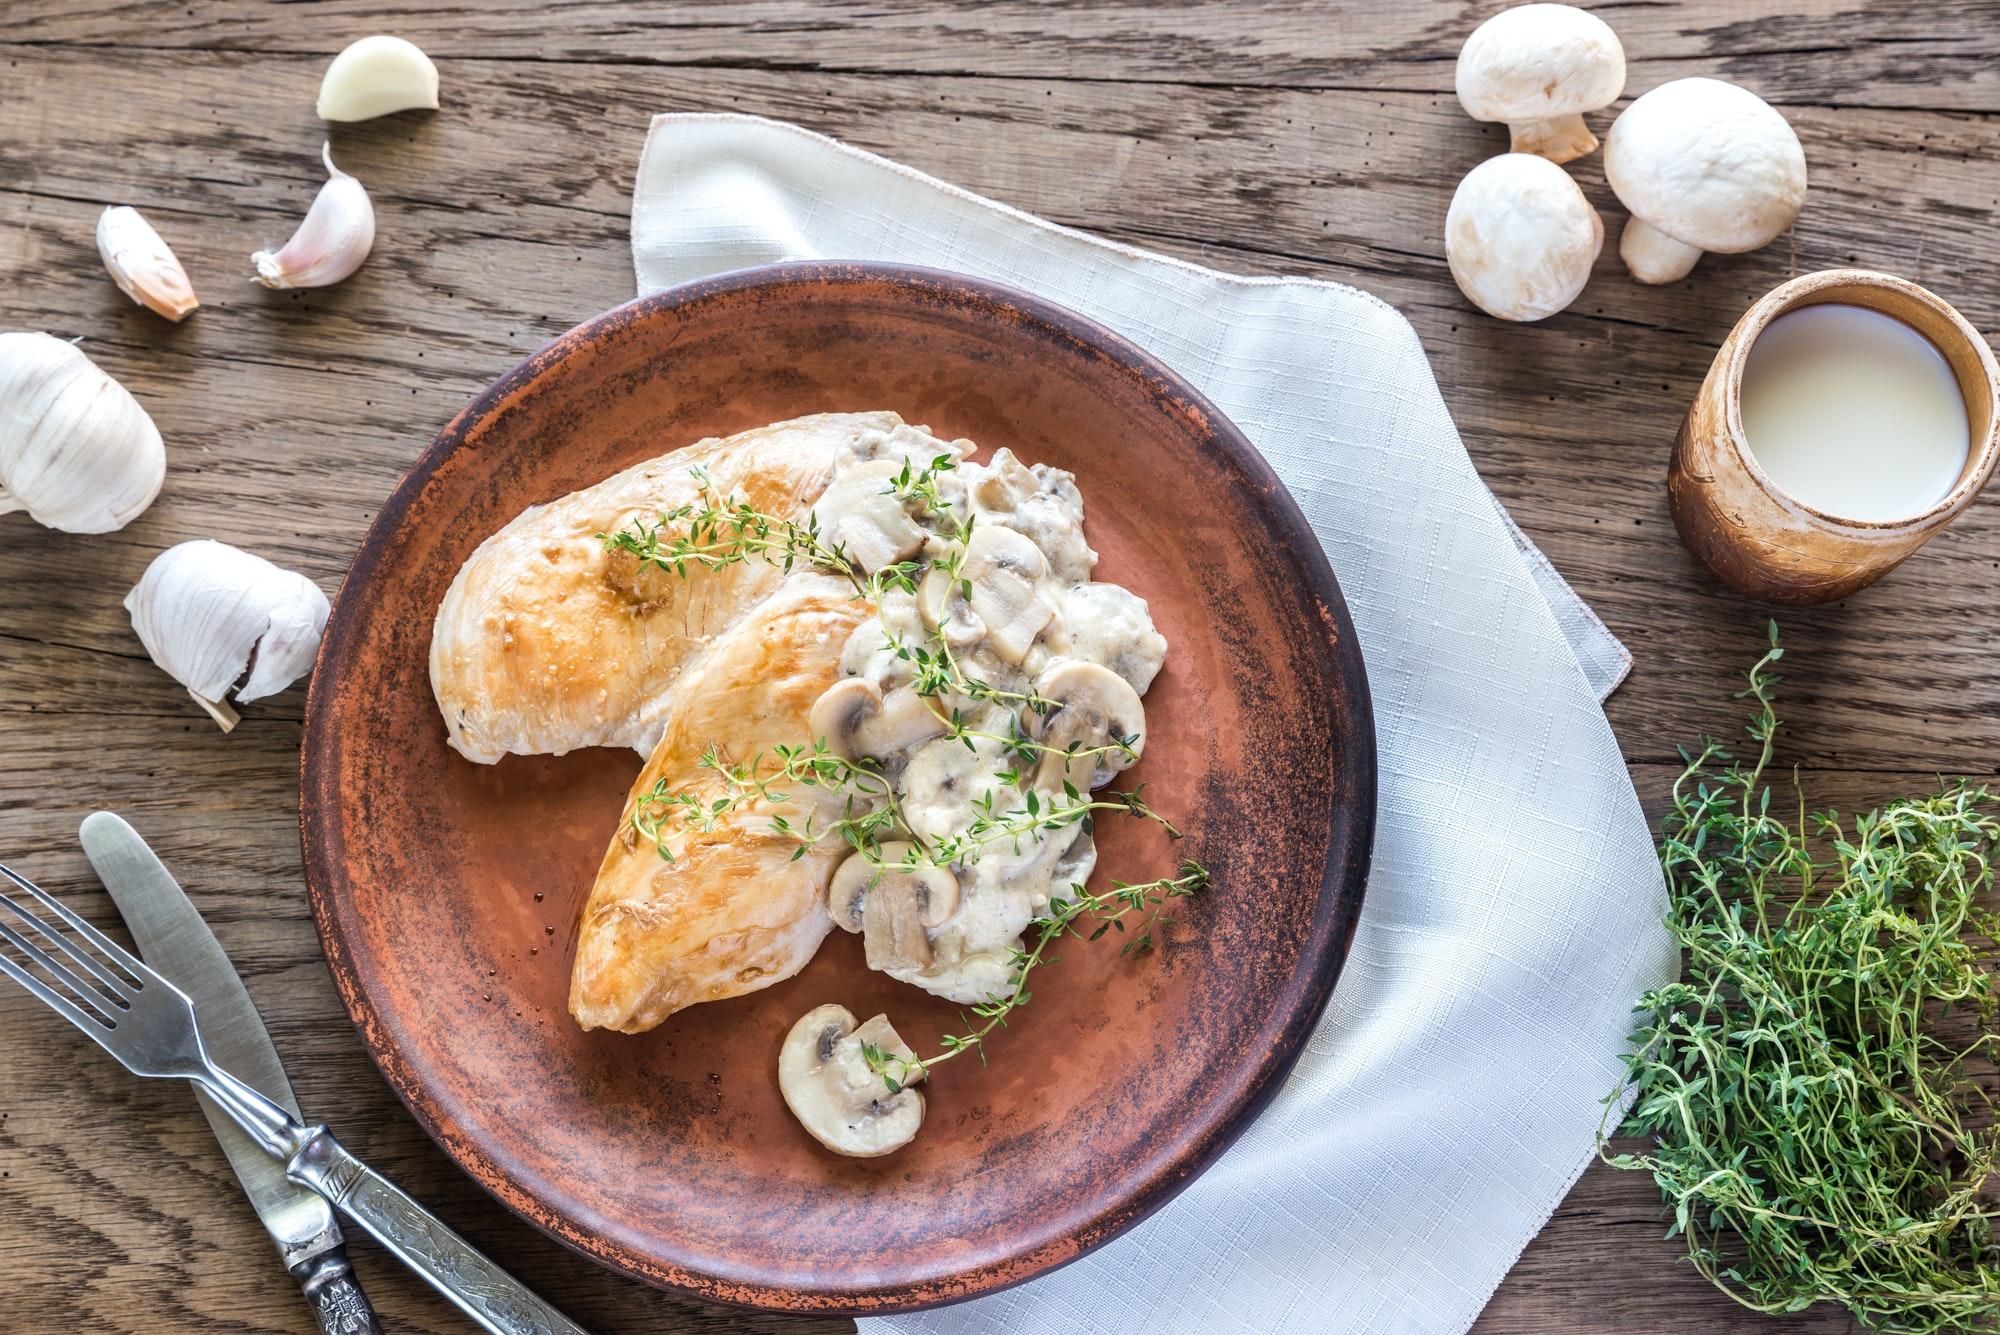 Creamy Garlic Mushroom Chicken